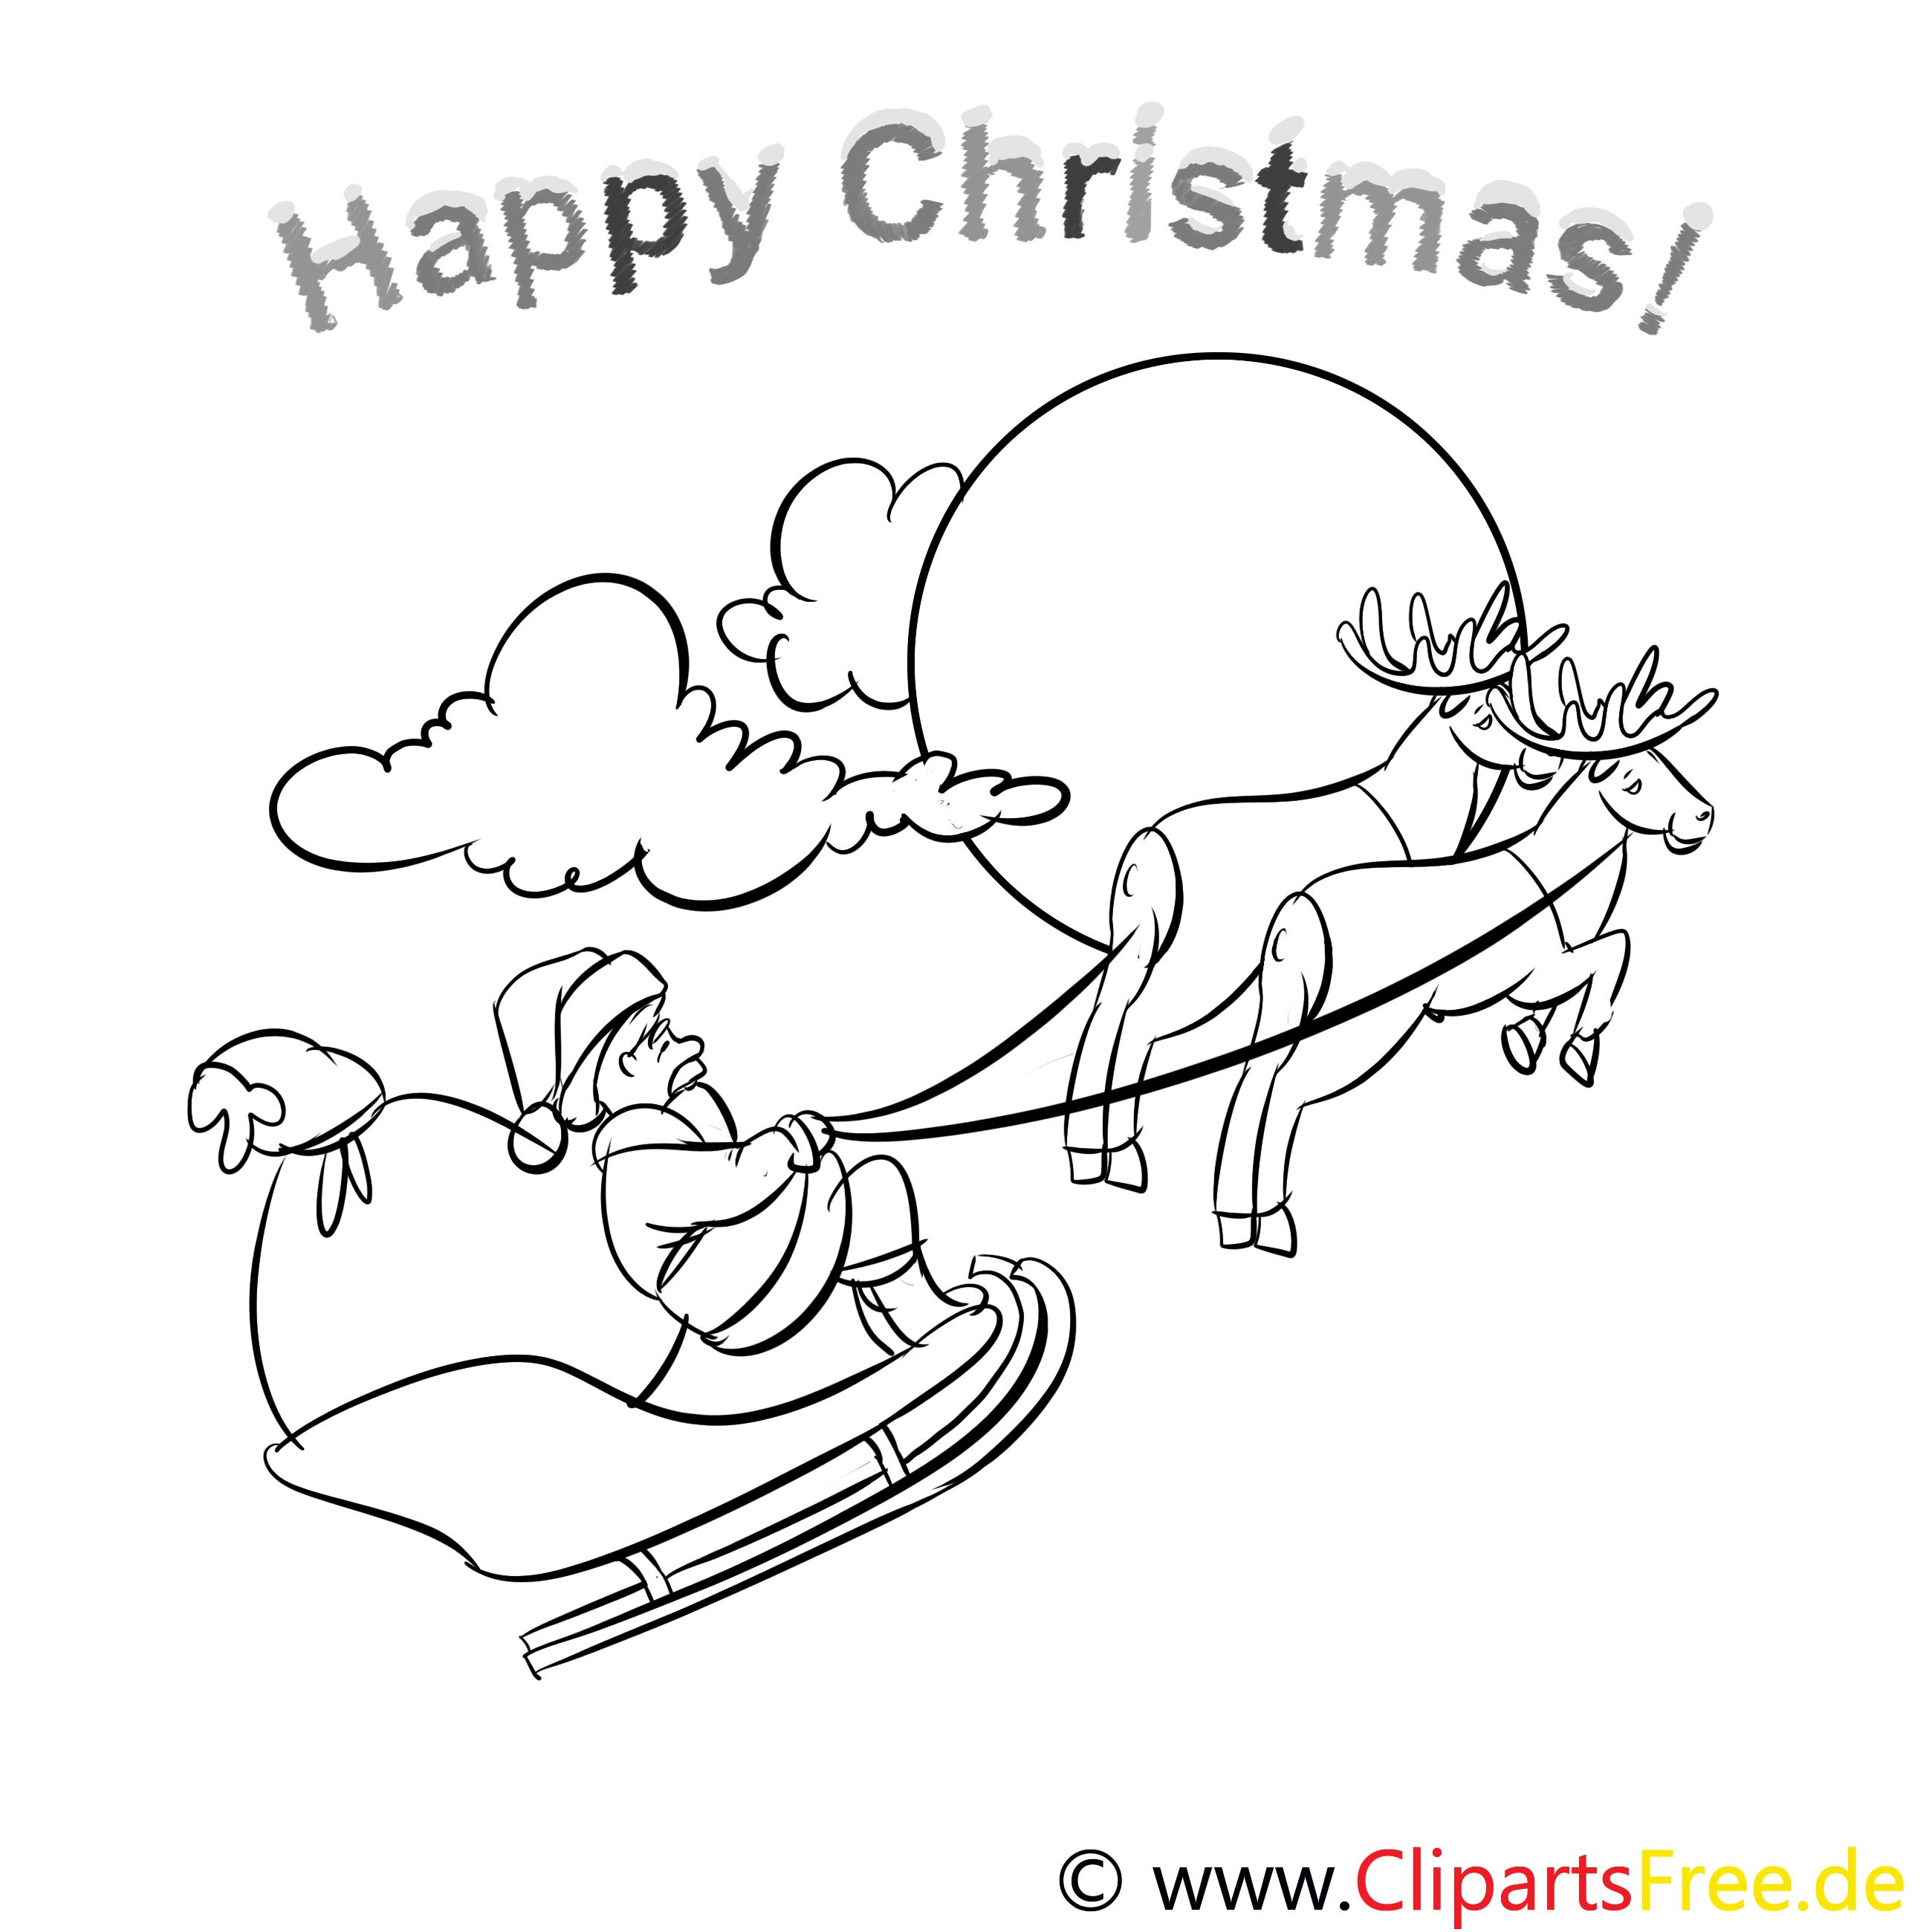 hirsch schlitten merry christmas coloring sheets malvorlagen